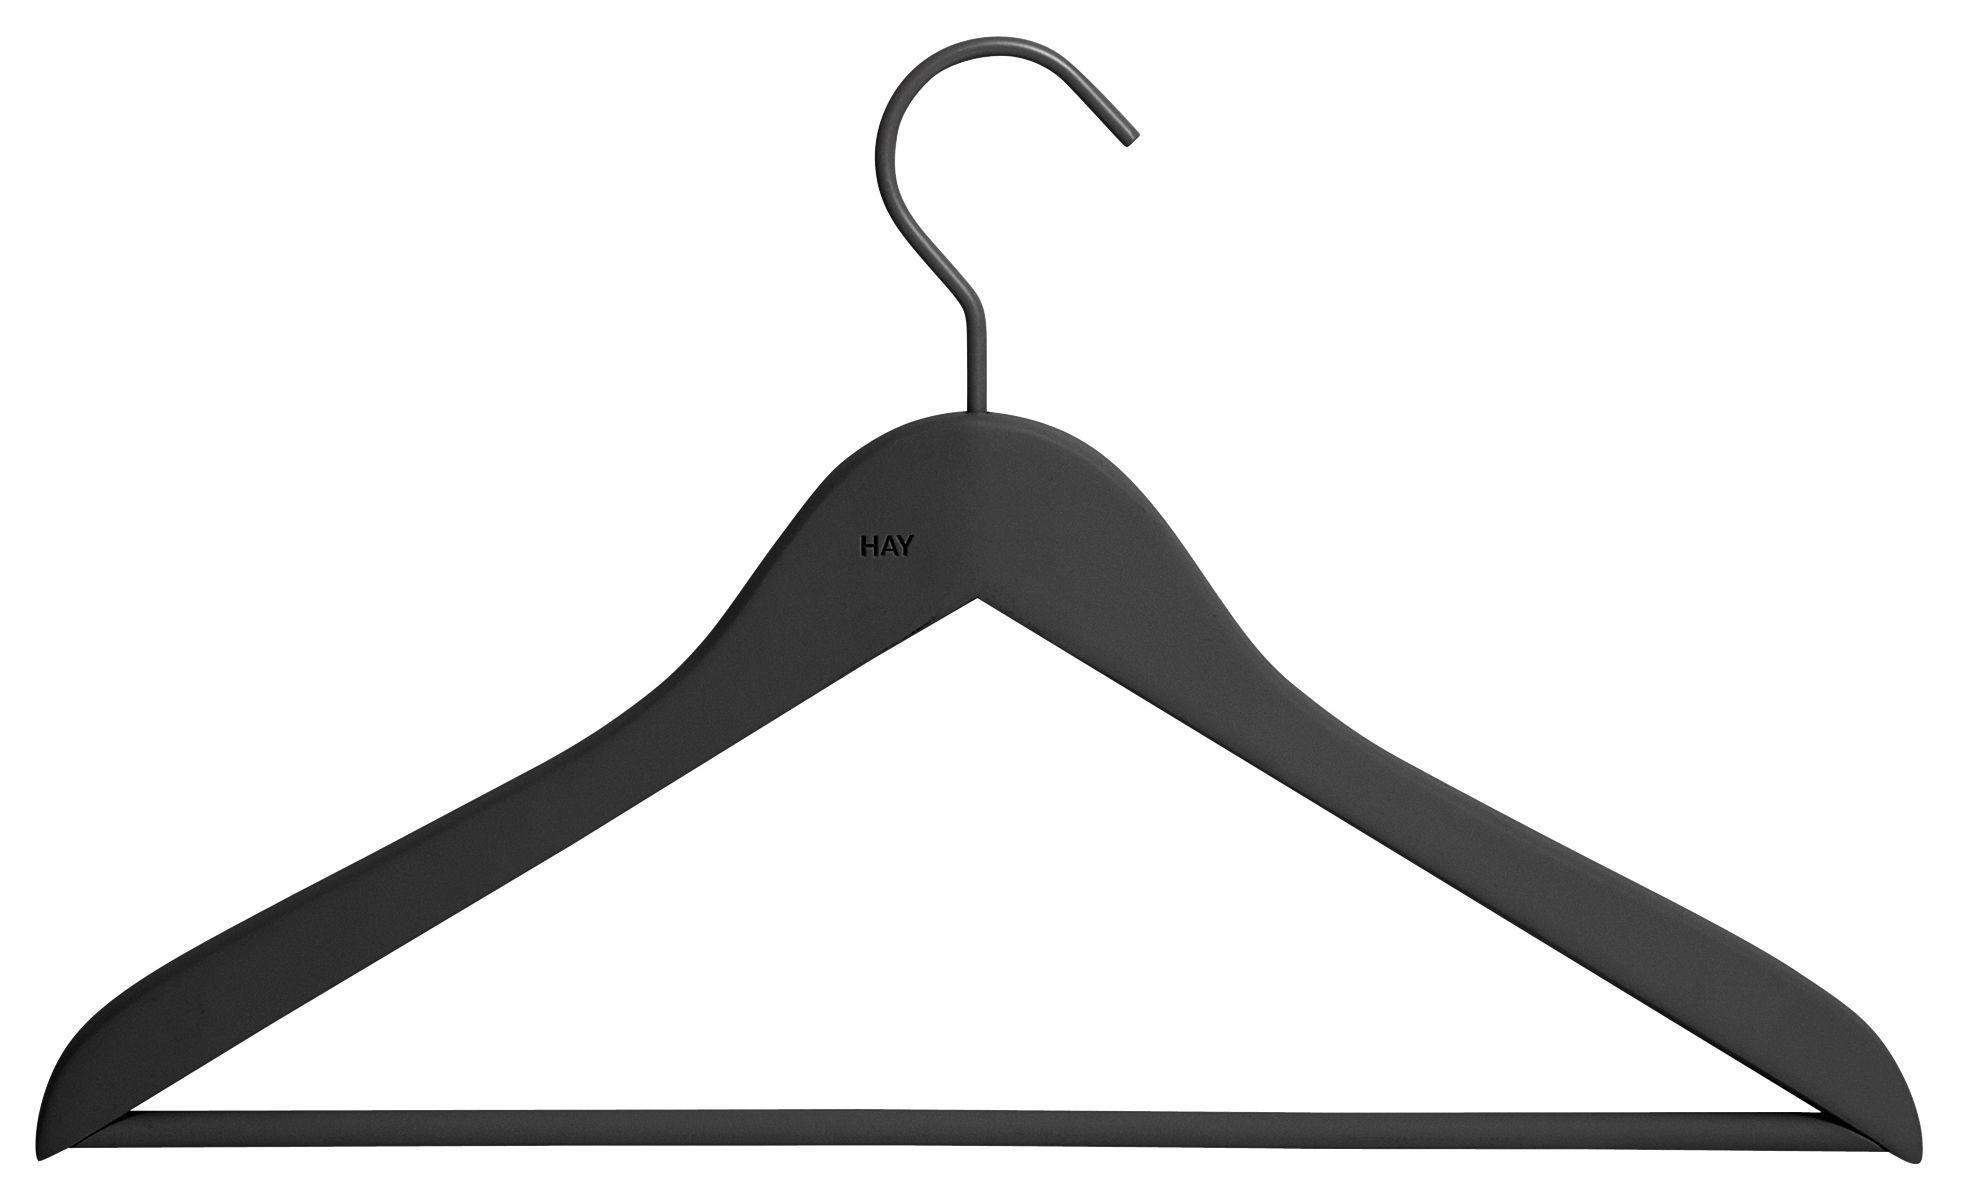 Interni - Rastrelliere e Ganci - Attaccapanni Soft Coat Fin - / Con barra - Set da 4 di Hay - Nero - Gomma, Legno